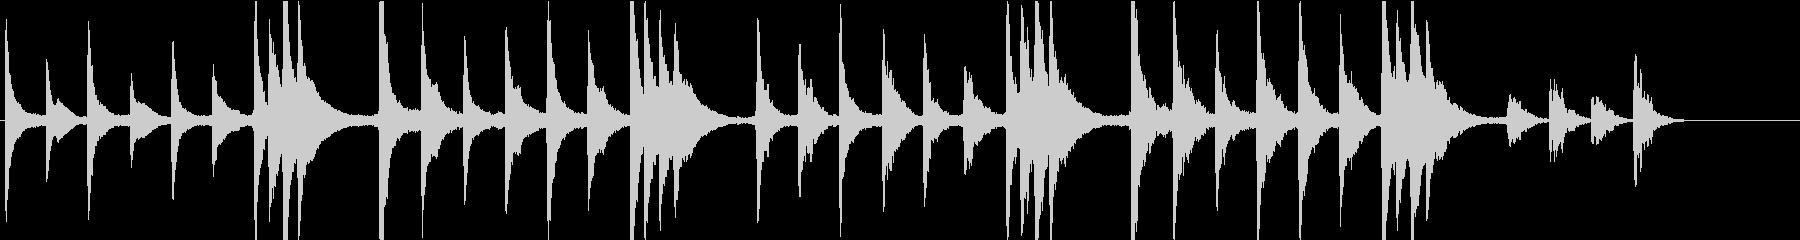 静寂なイメージピアノ曲(WAV版)の未再生の波形